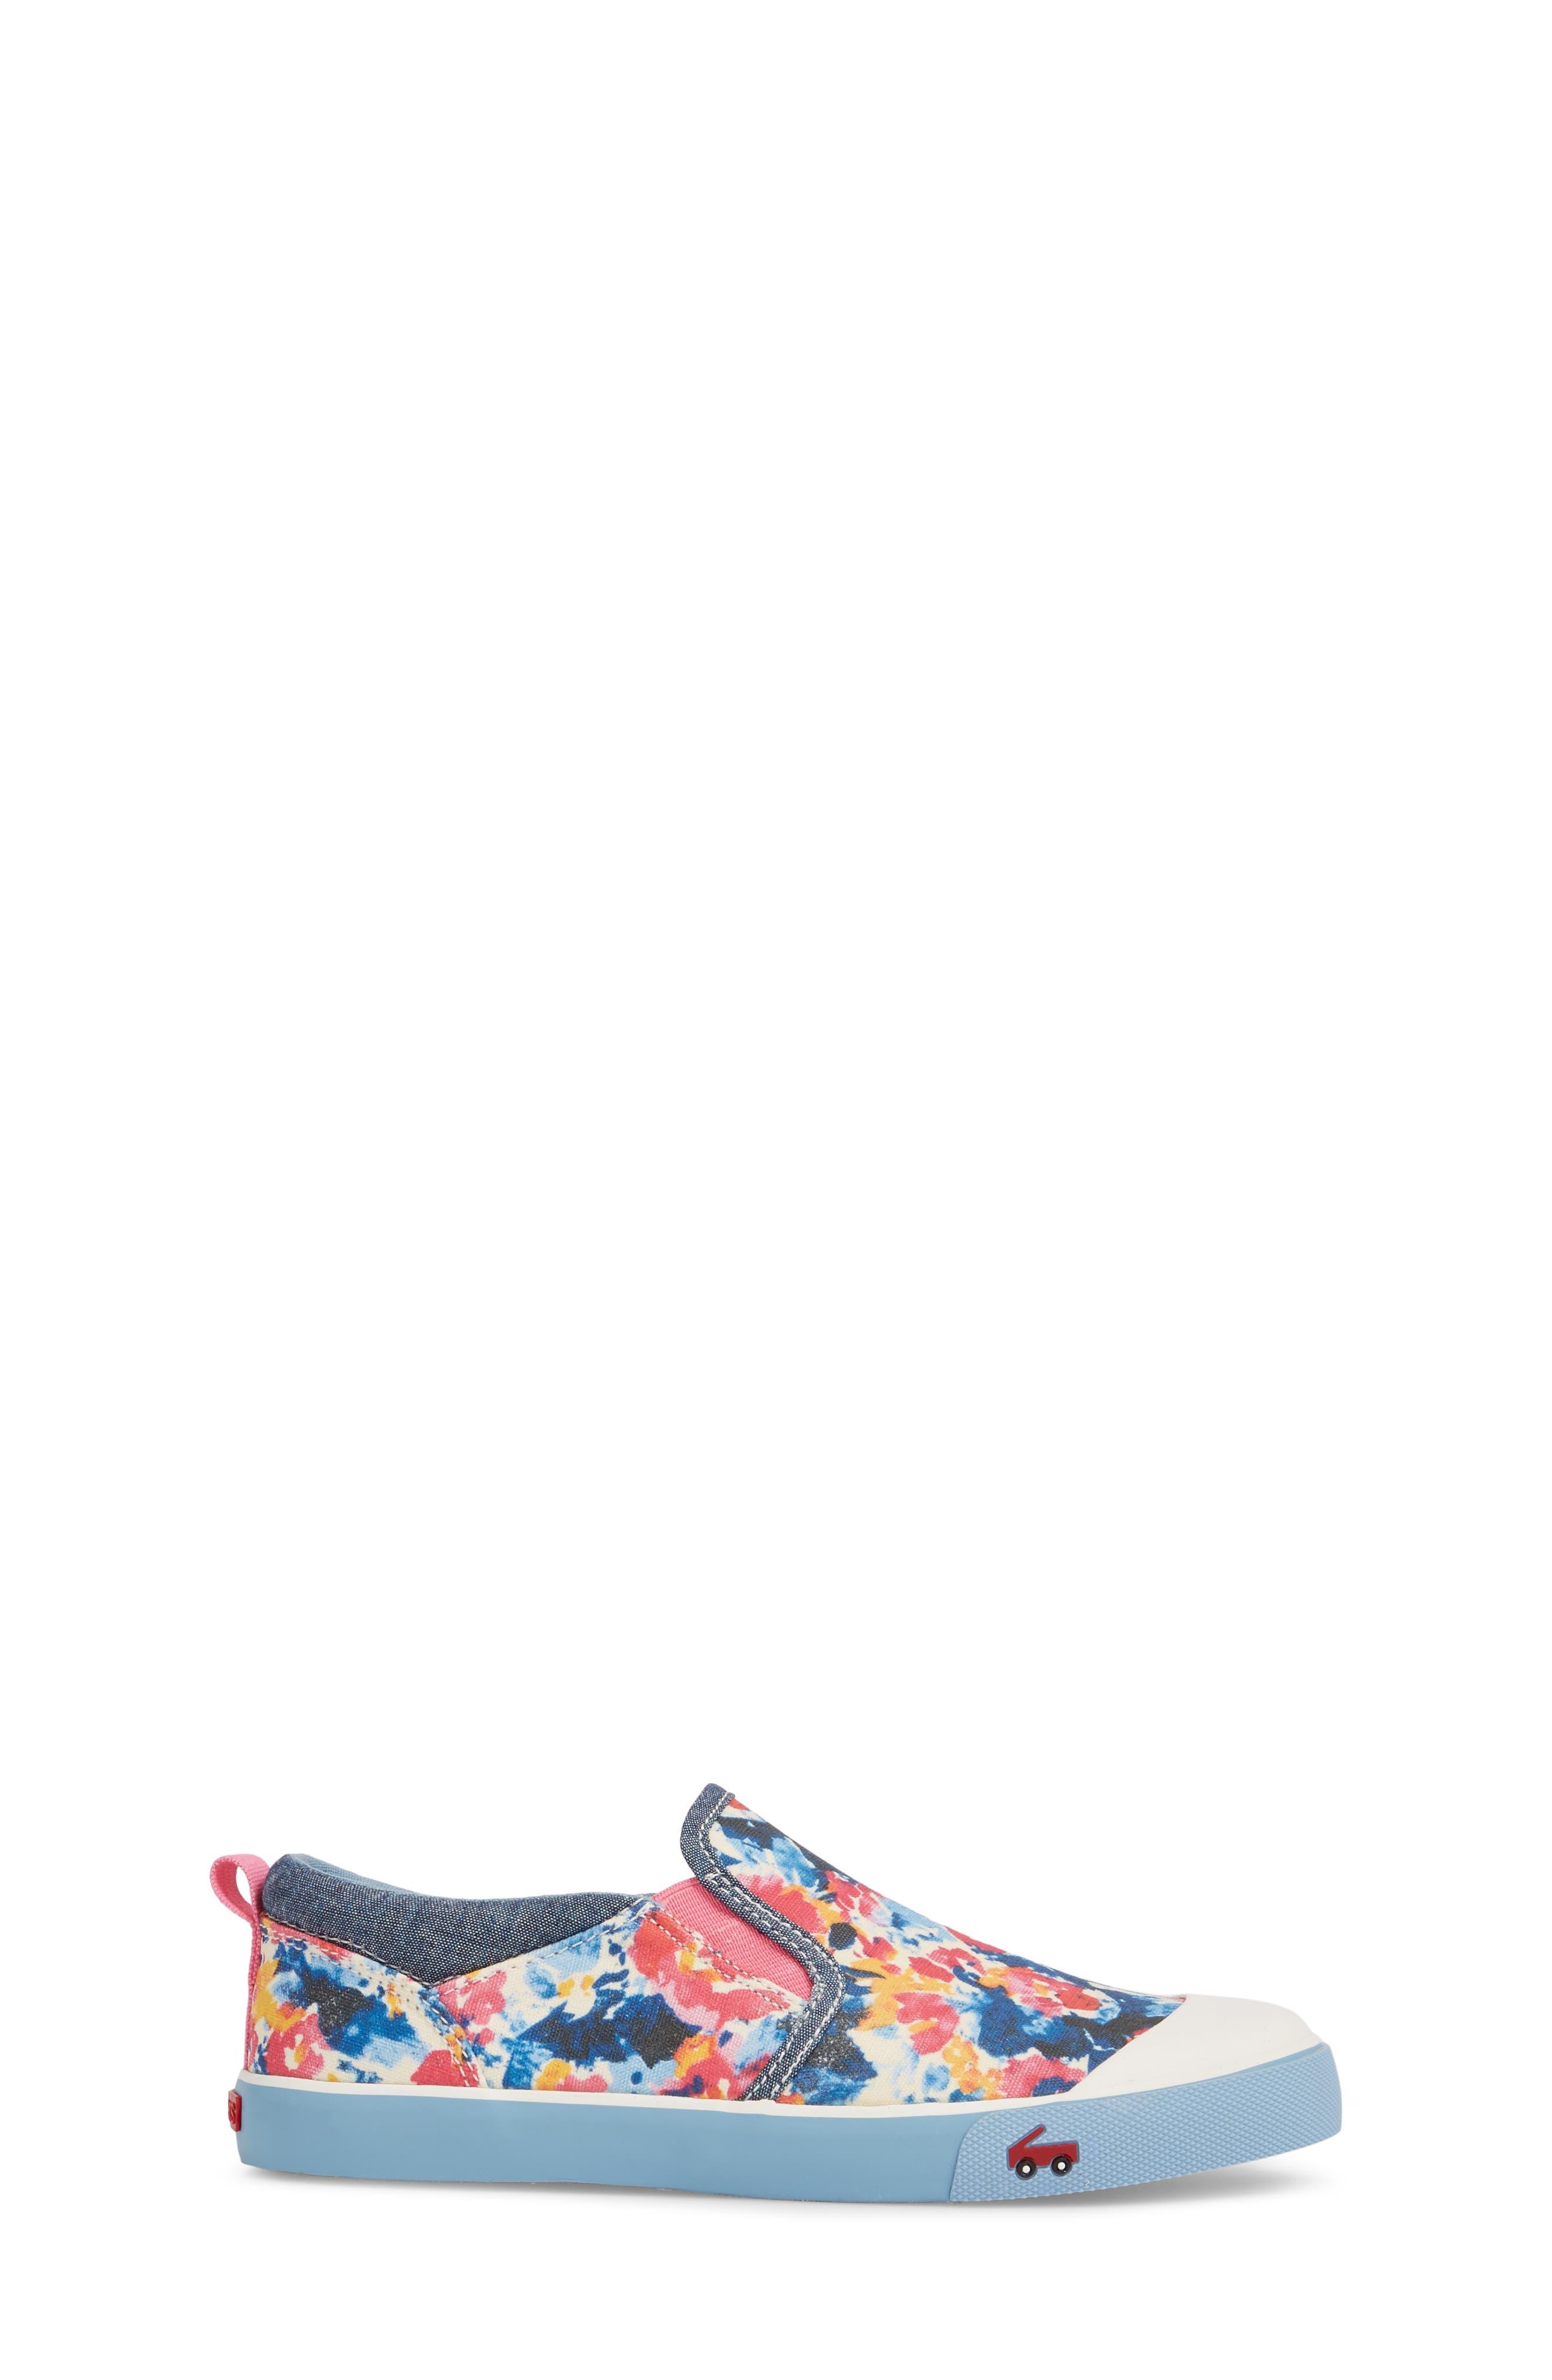 'Italya' Slip-On,                             Alternate thumbnail 3, color,                             401